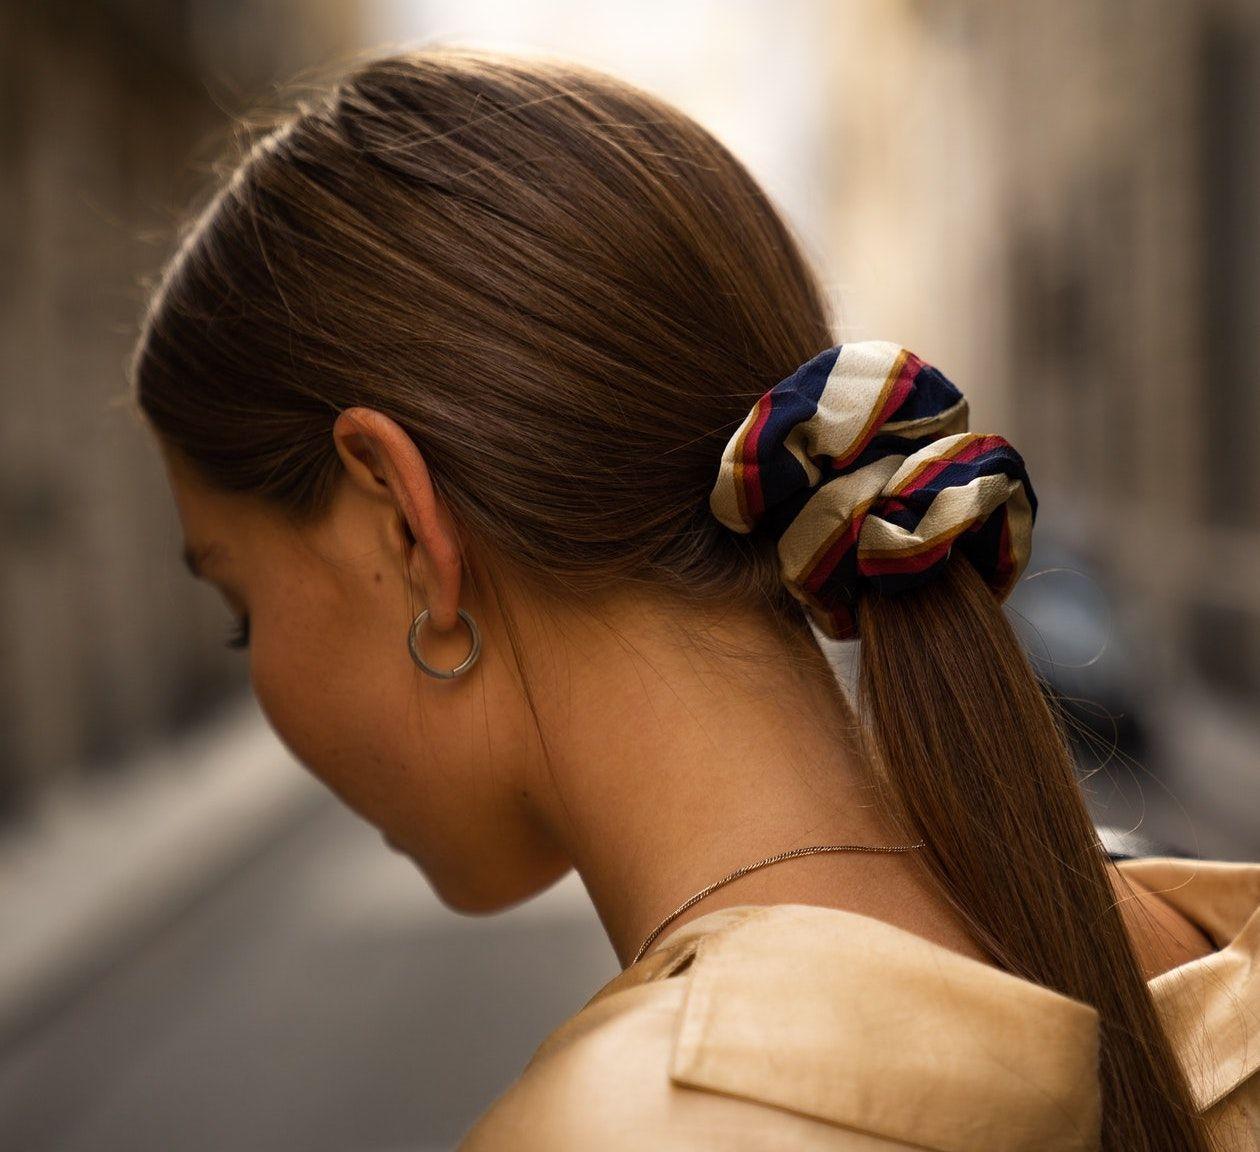 tendencias en peluquería josep Pons 2019